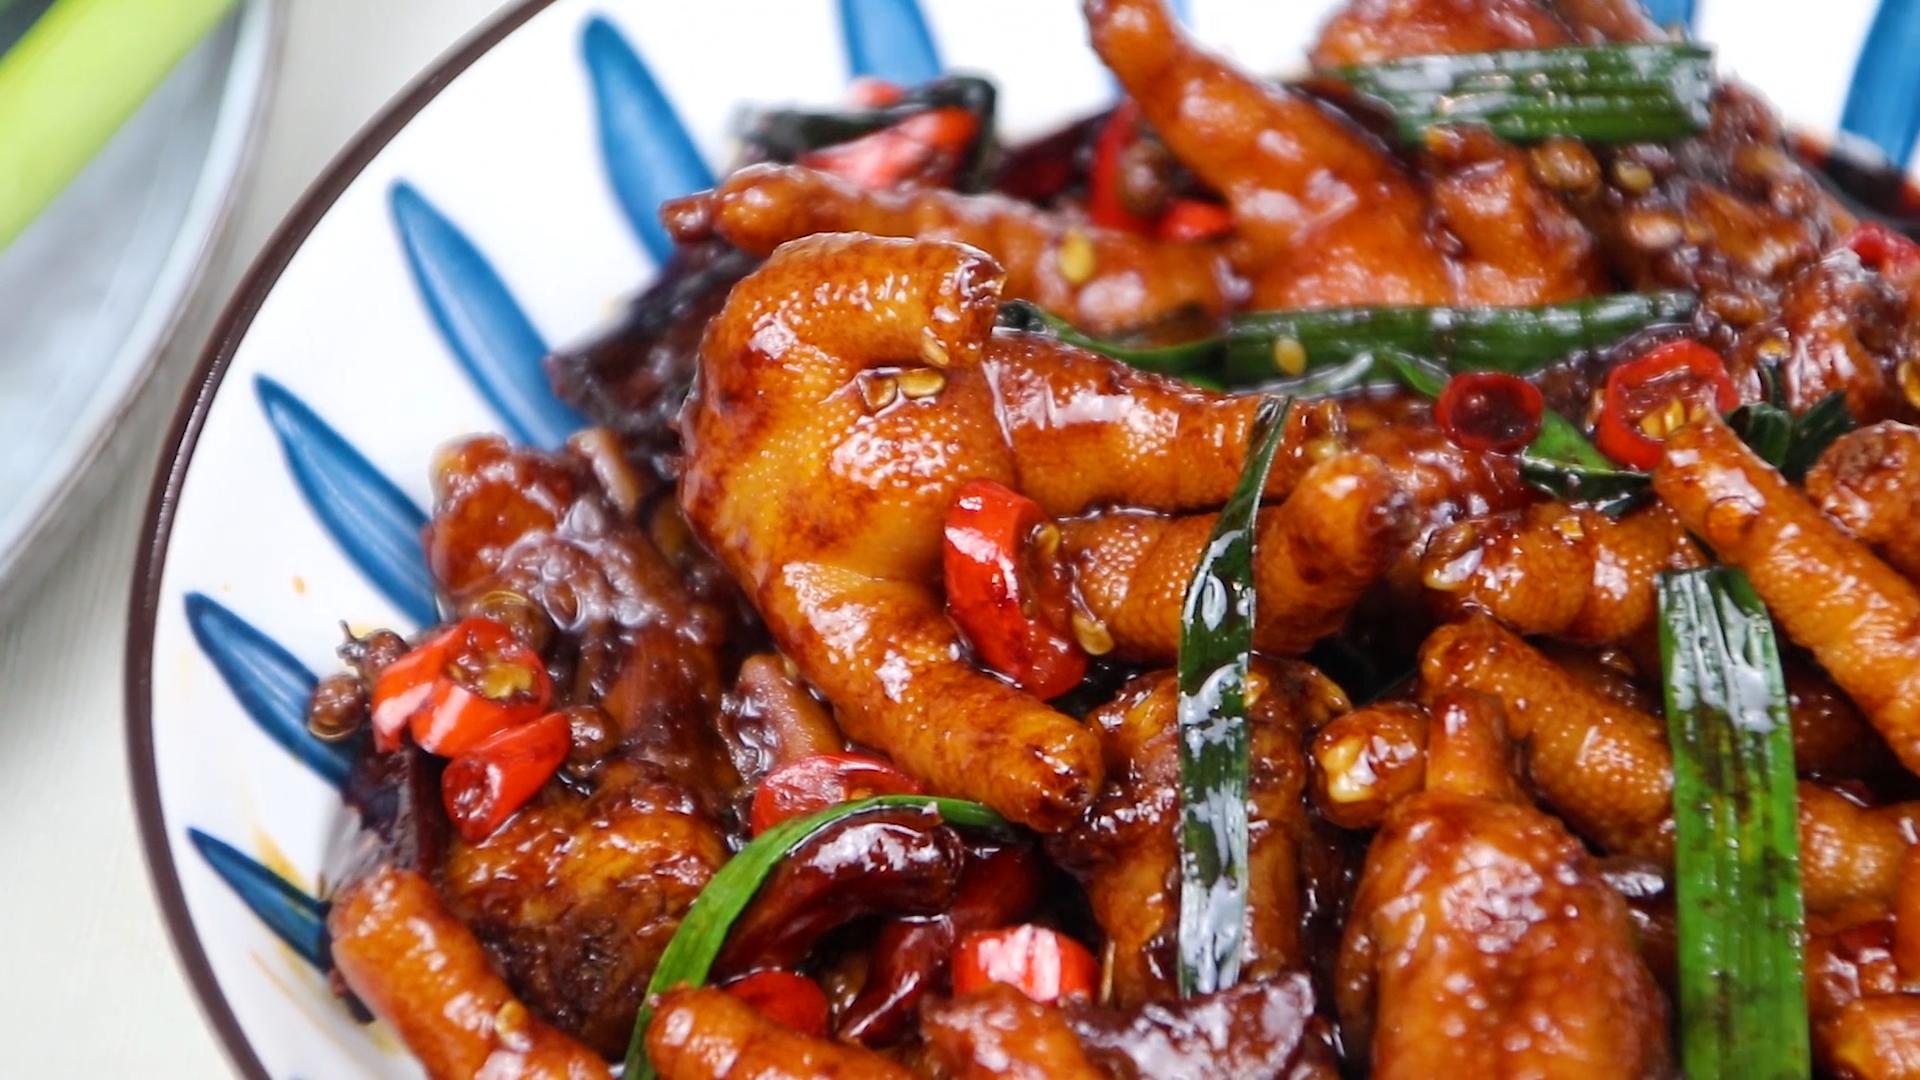 做香辣滷雞爪原來這麼簡單,好吃解饞,下酒又下飯,上桌就被搶光